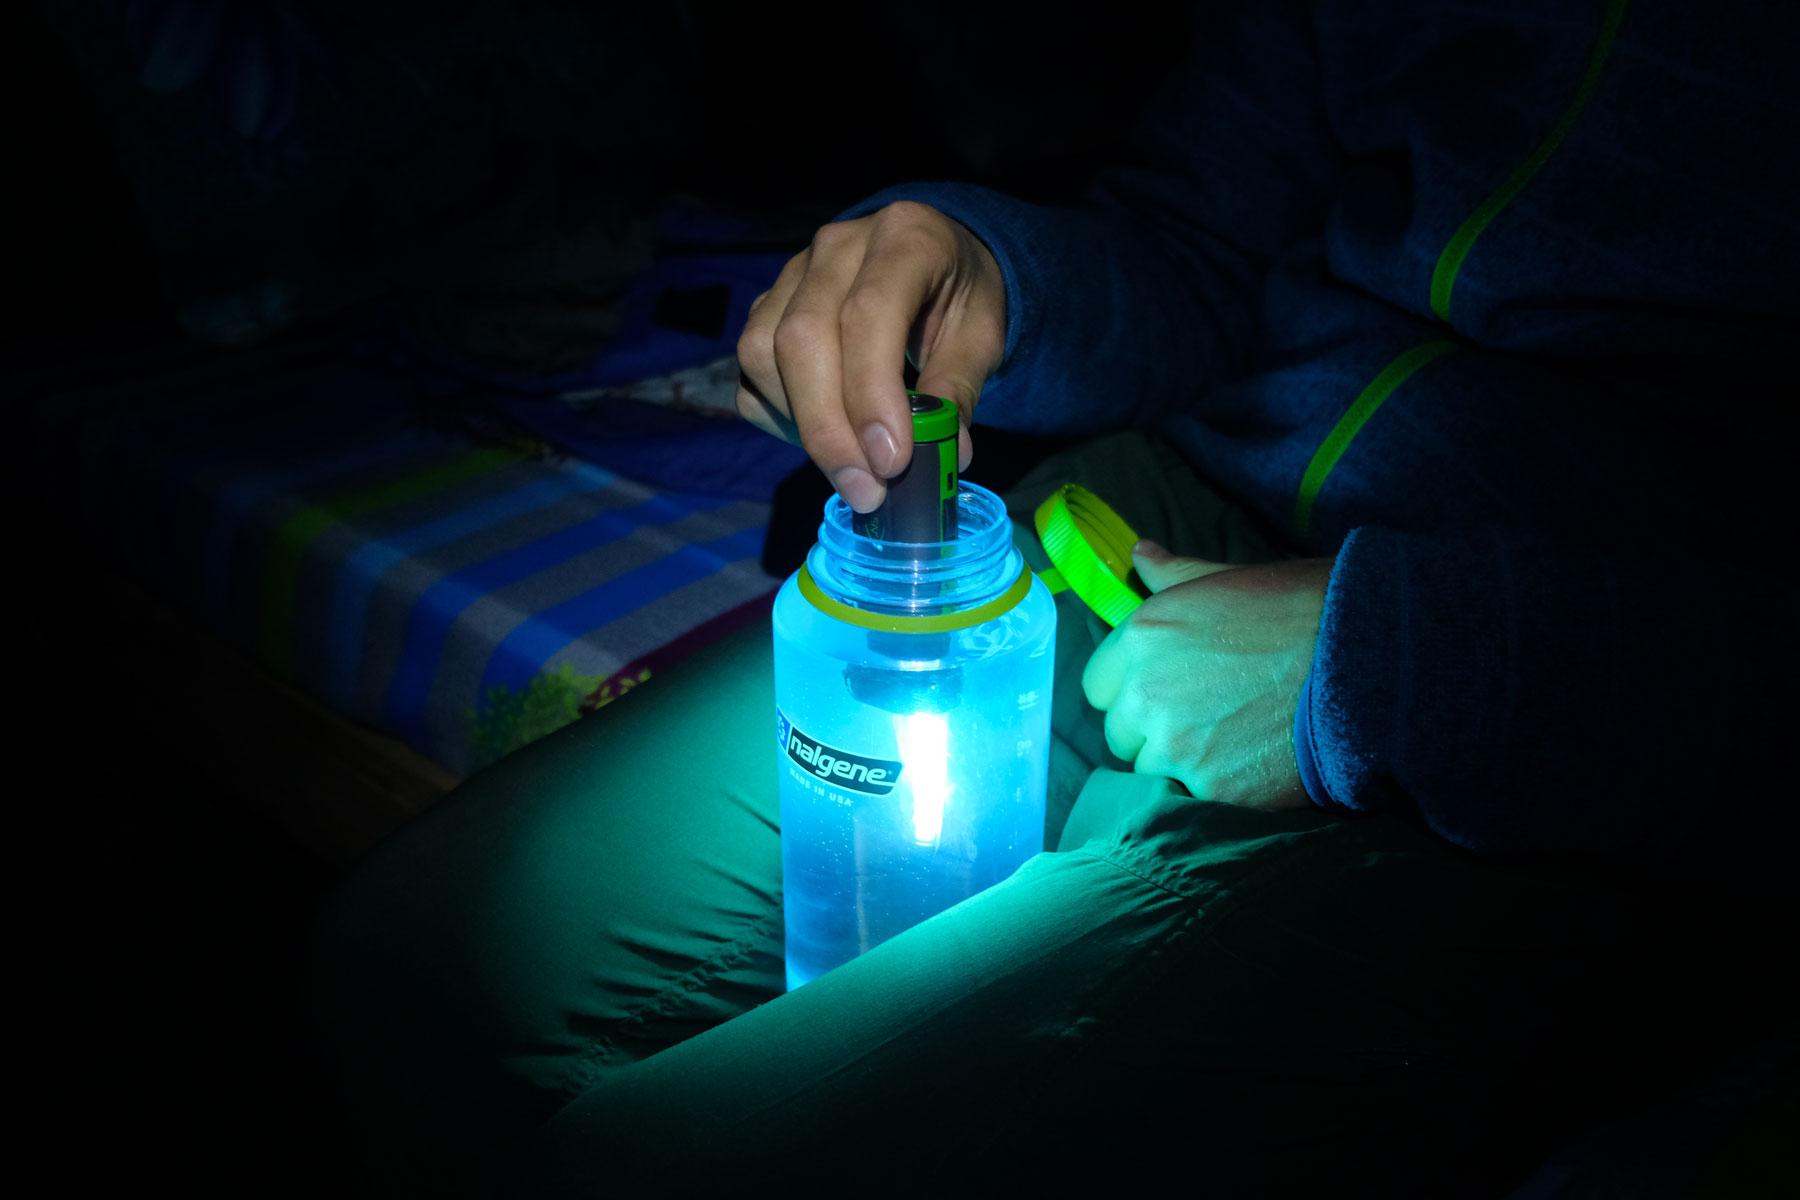 Eine Hand bewegt einen Steripen, um Wasser in einer Flasche zu entkeimen.